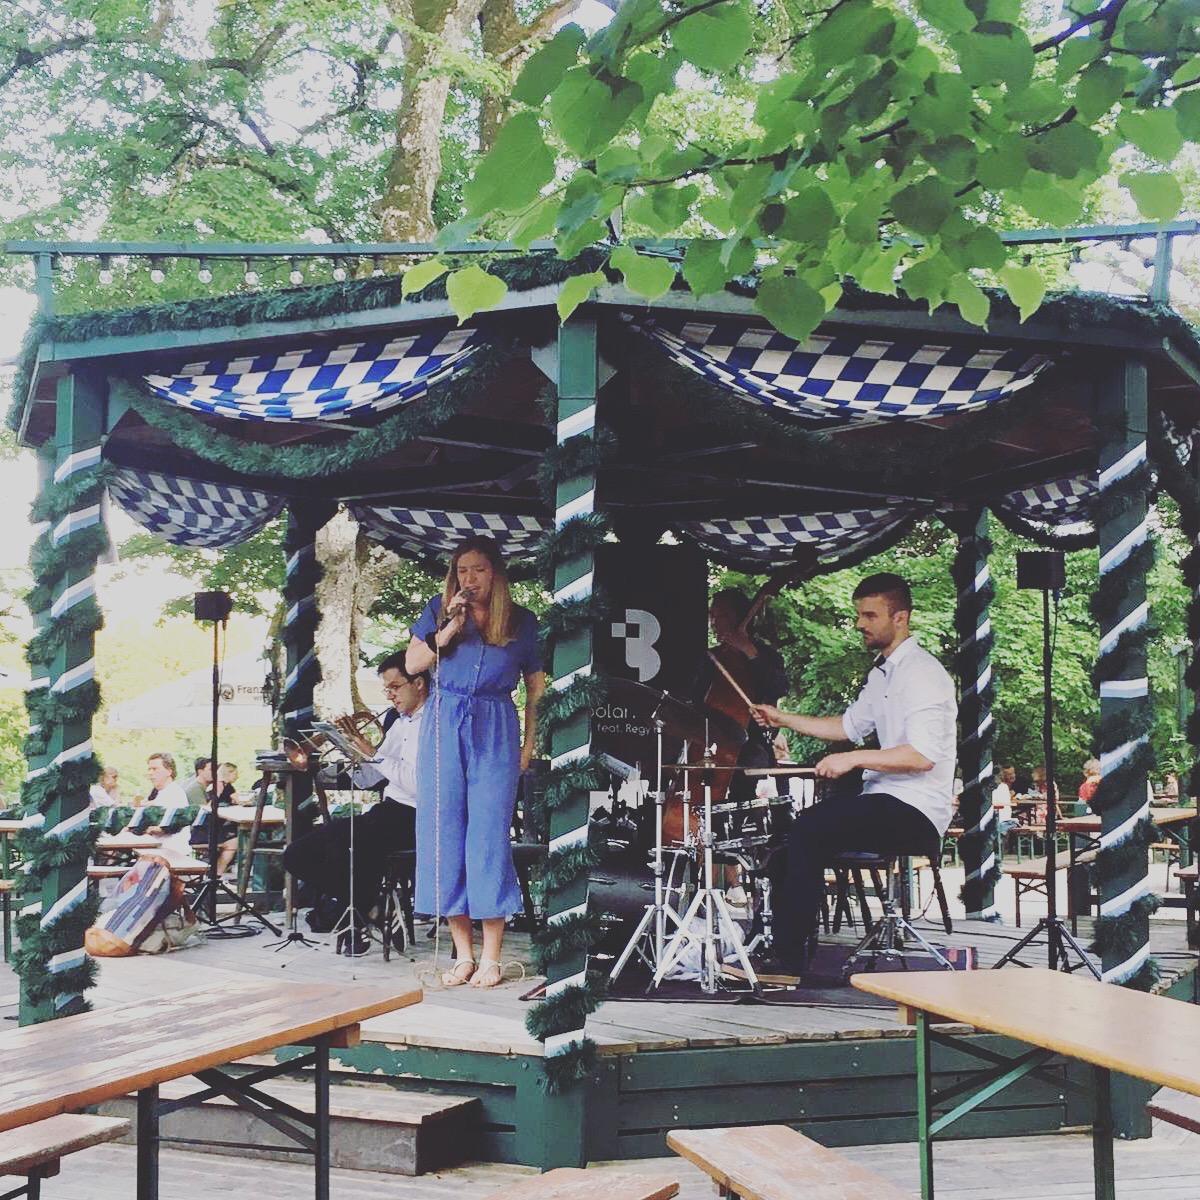 Jazzband, Bolandi Trio mit Sängerin Regy, live im Jazzbiergarten Waldwirtschaft bei München 2019